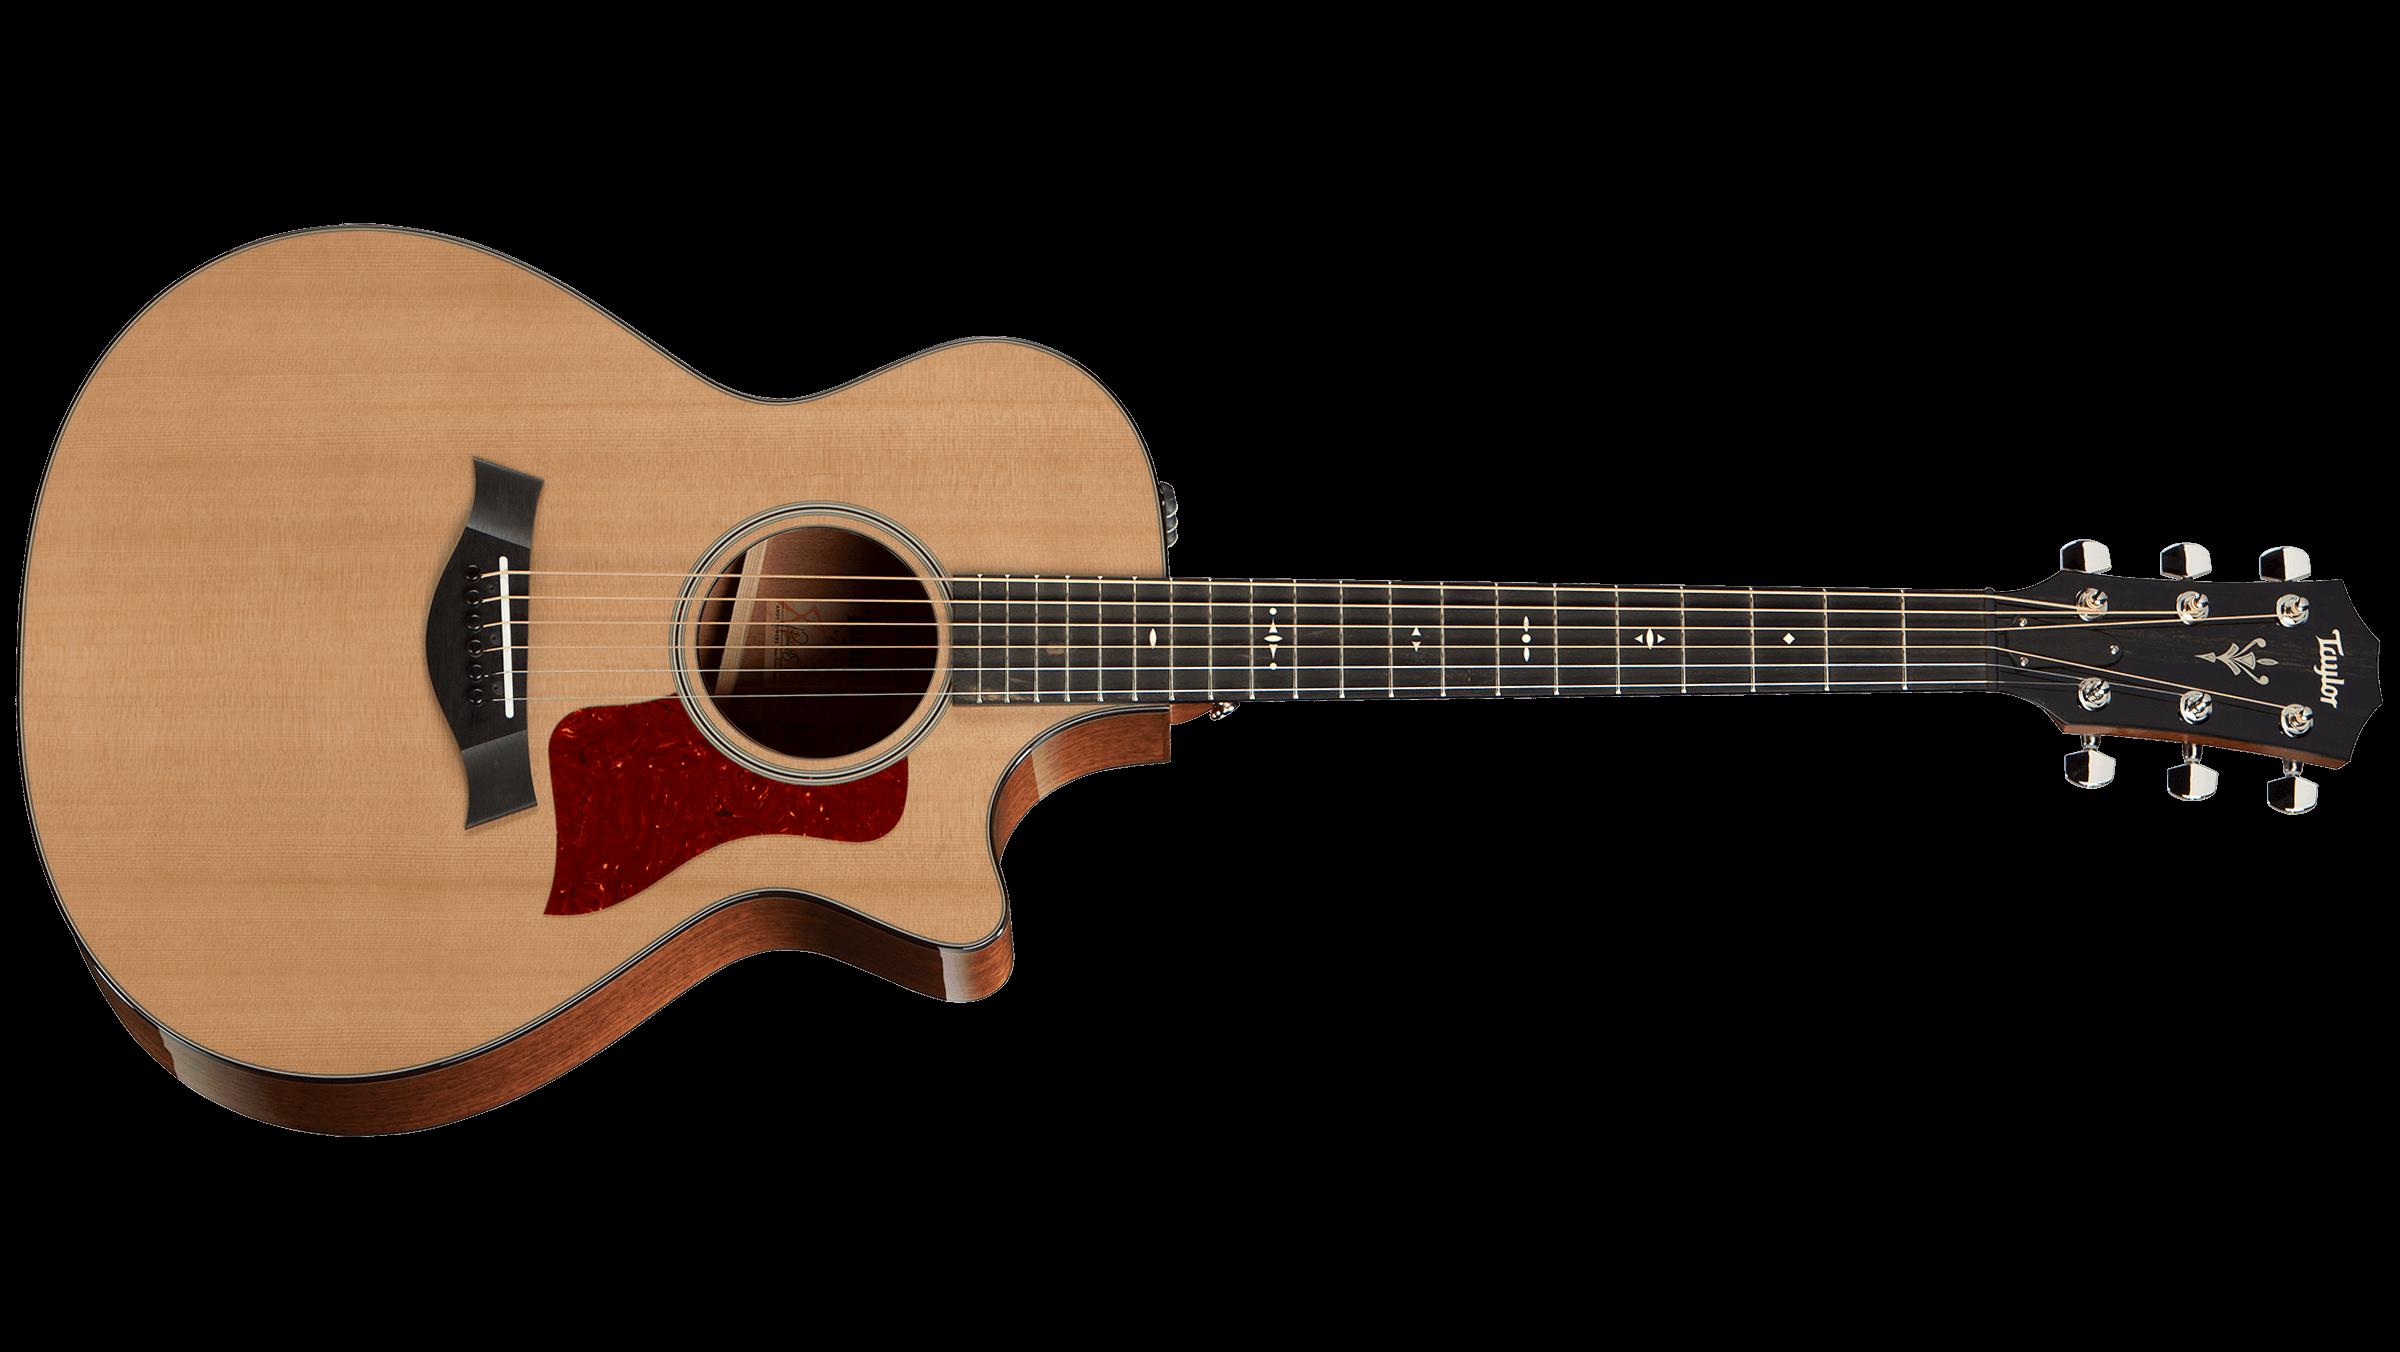 Taylor-512ce-v-class-fr-2019